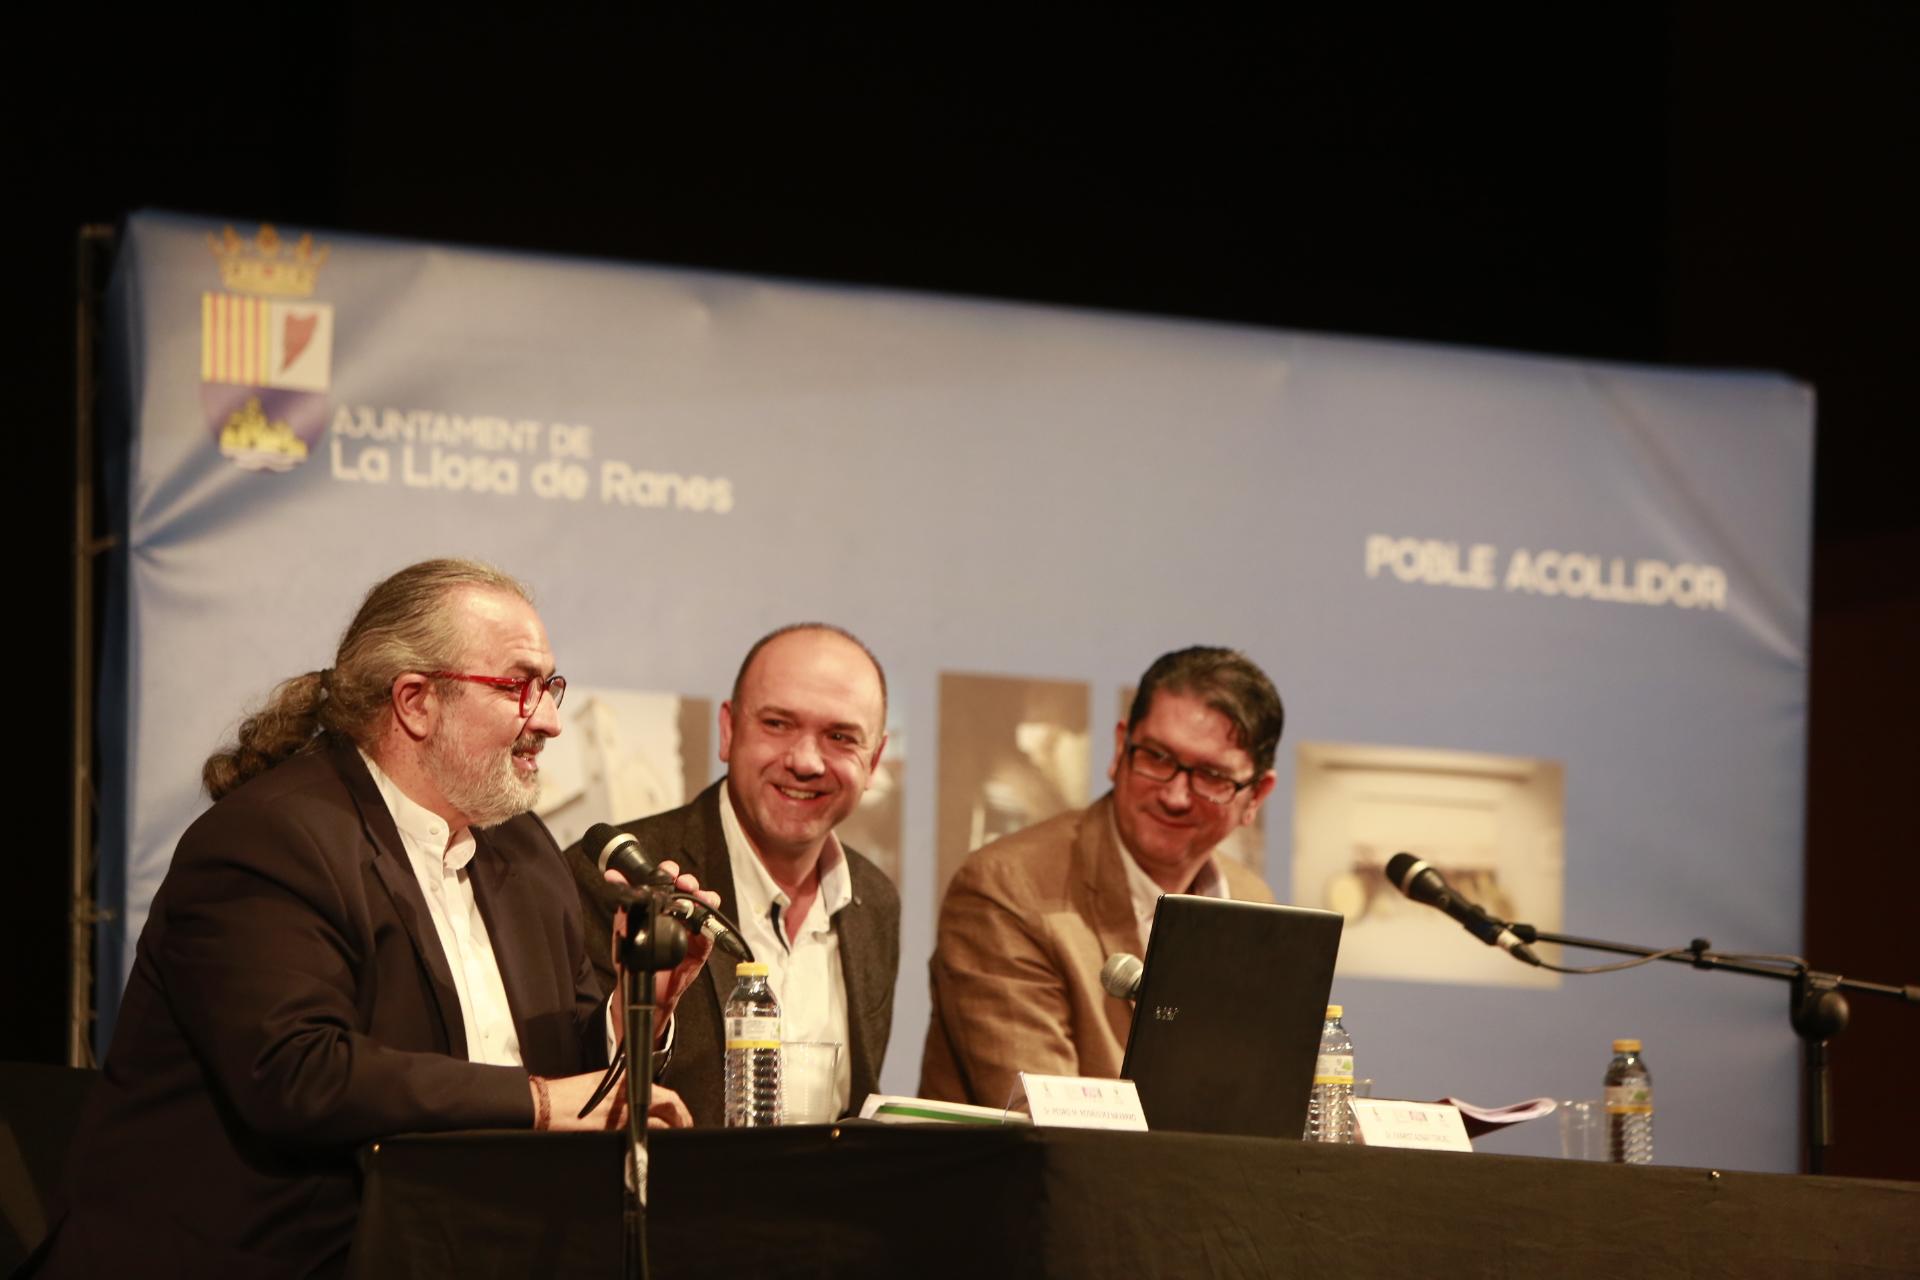 La FSMCV ha celebrado en La Llosa de Ranes la primera Asamblea General de 2018 y en ella se ha aprobado la gestión y la actuación económica de 2017.